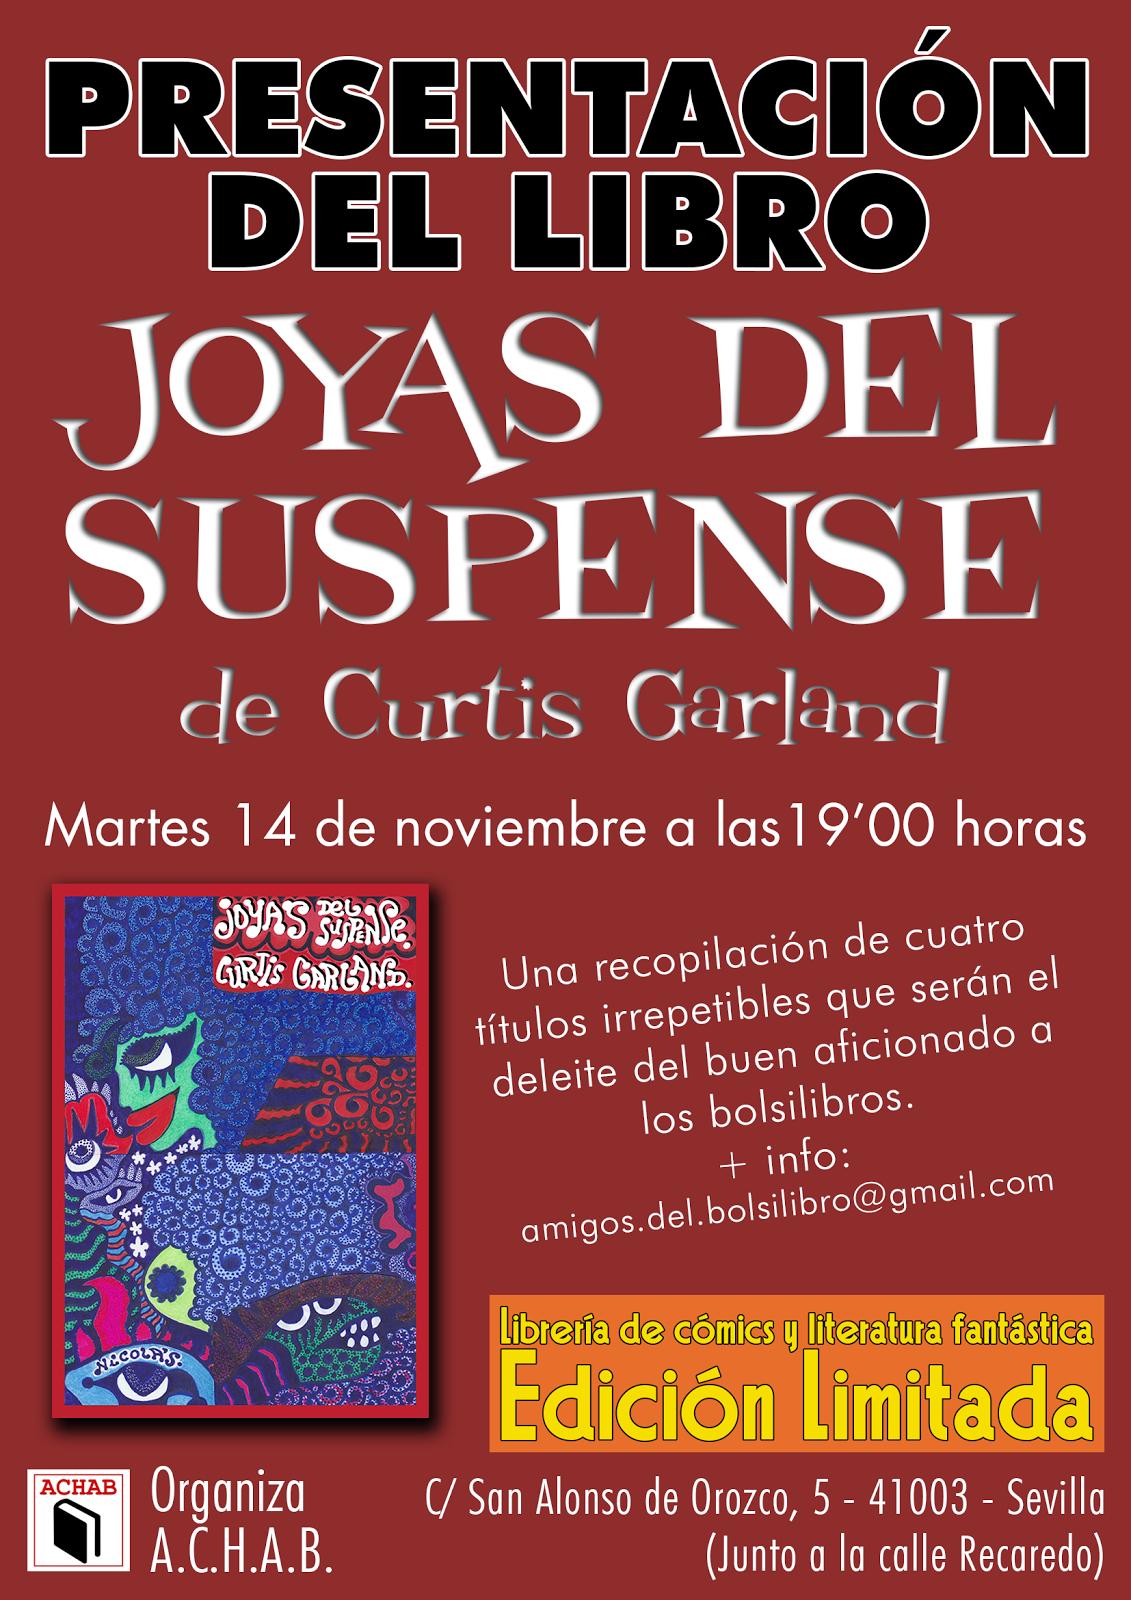 PRESENTACIÓN DE JOYAS DEL SUSPENSE